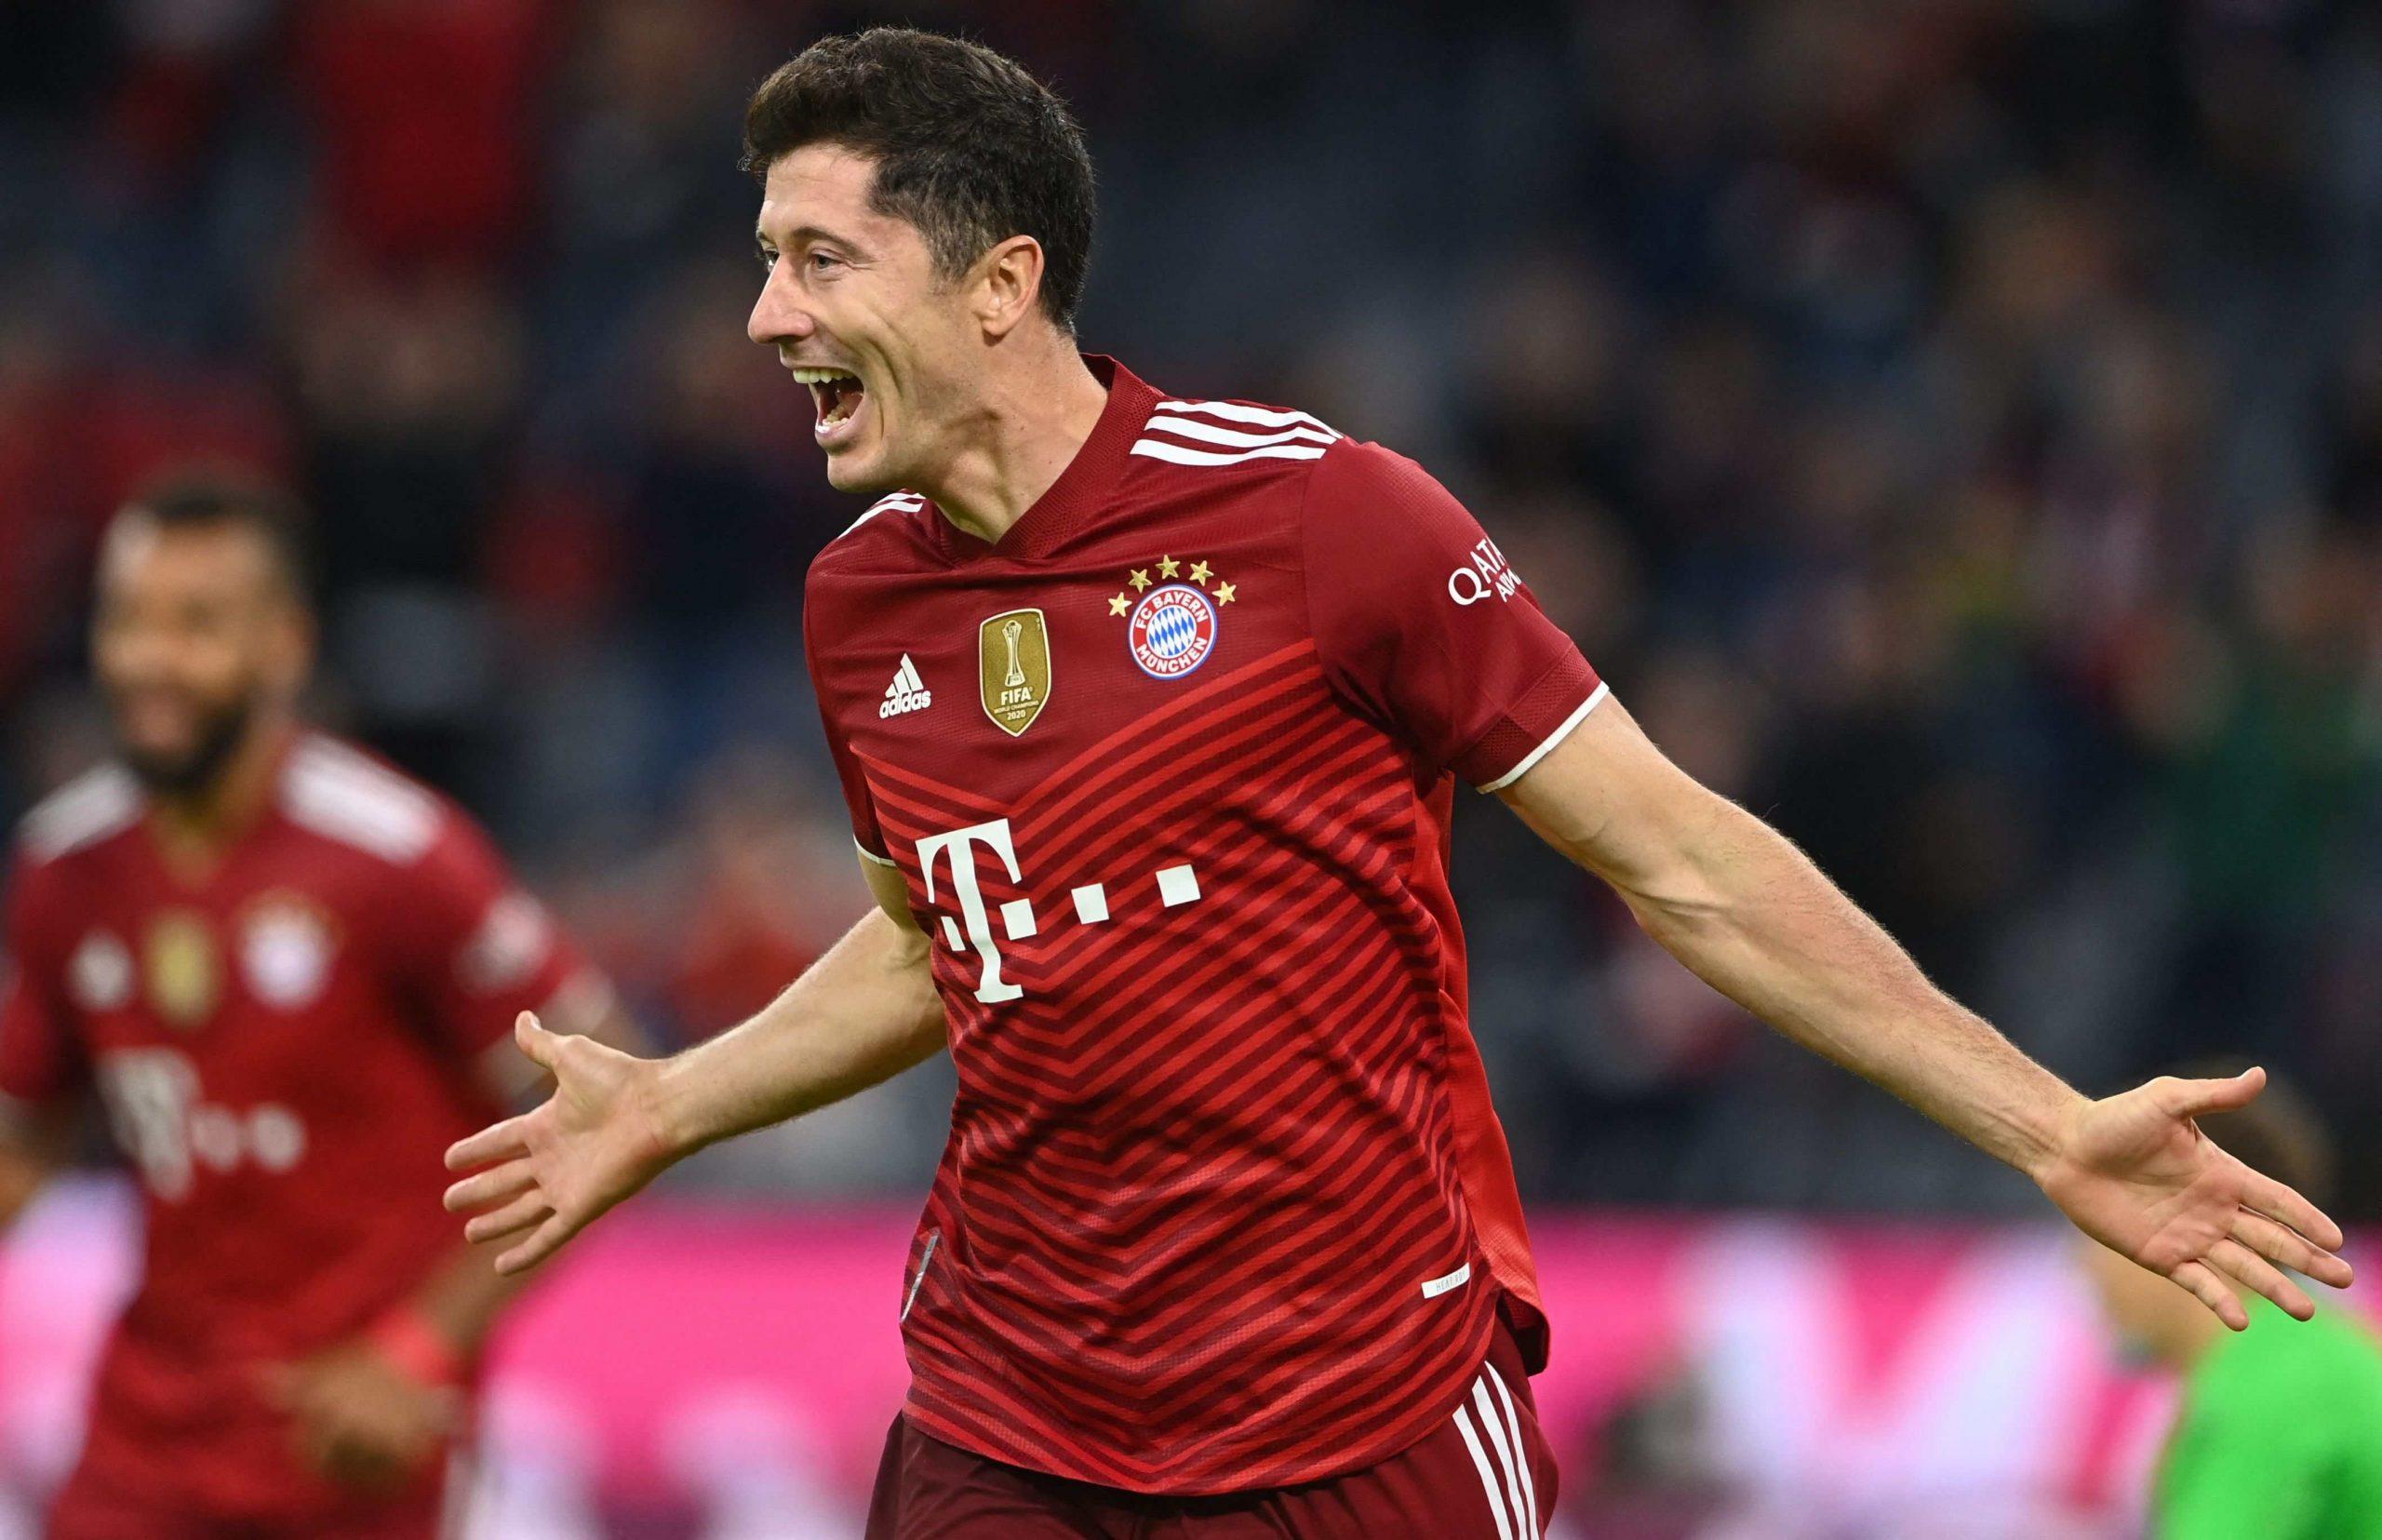 Lewandowski hunde al Hertha con hat-trick de la Bundesliga - prensa Libre